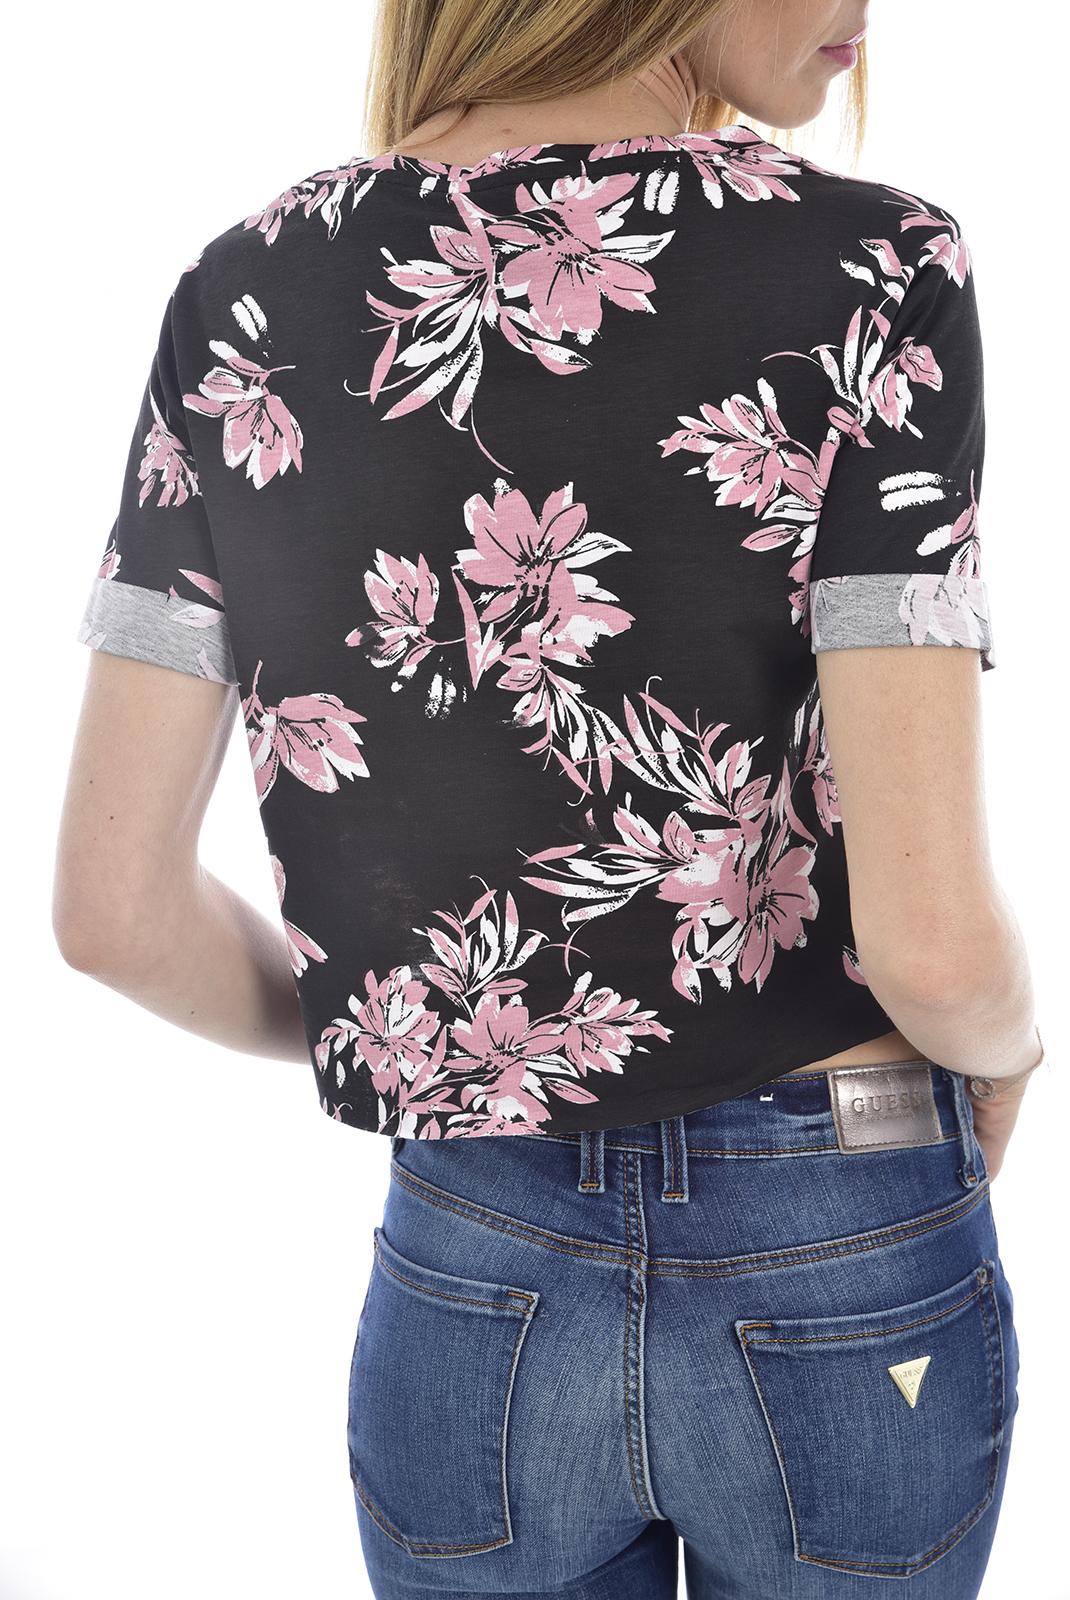 Tee shirt  Guess jeans O02A18 JA900 U165